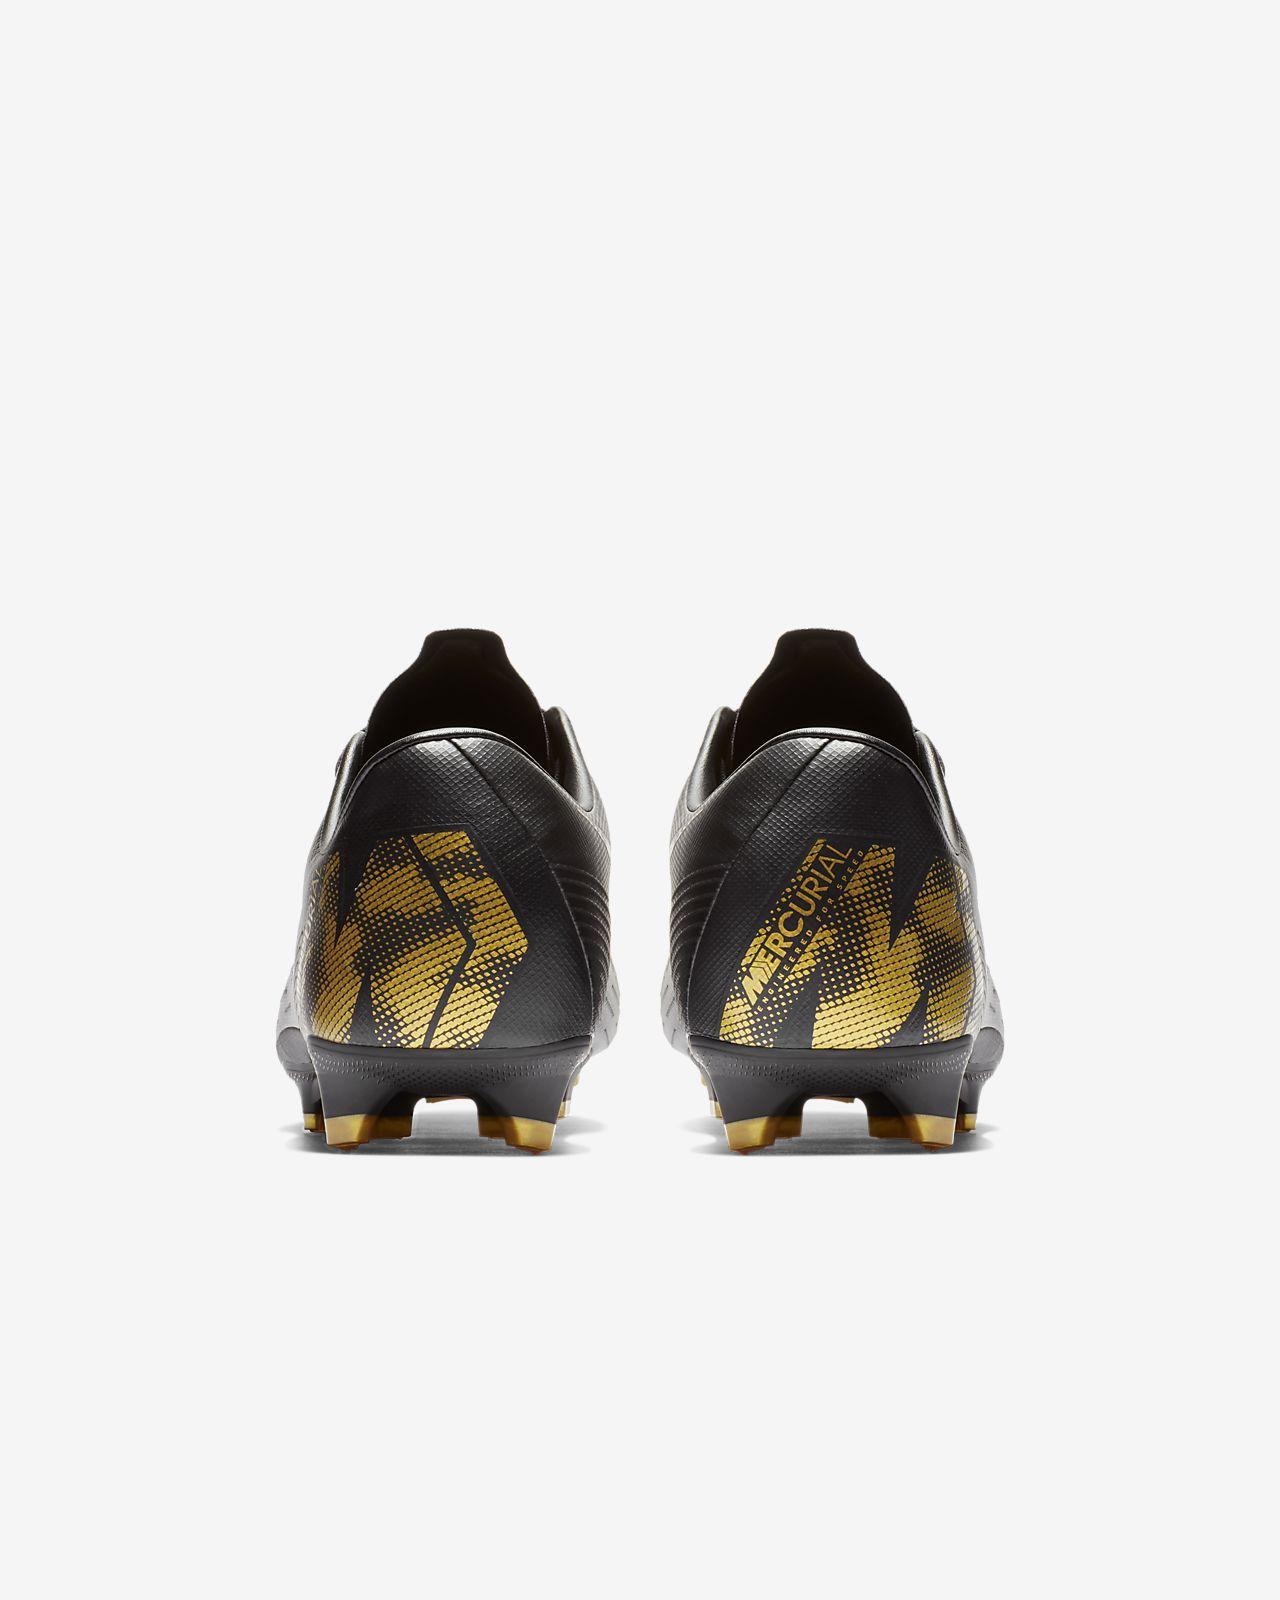 1ec355dfbc6f6 Nike Vapor 12 Pro FG Botas de fútbol para terreno firme. Nike.com ES